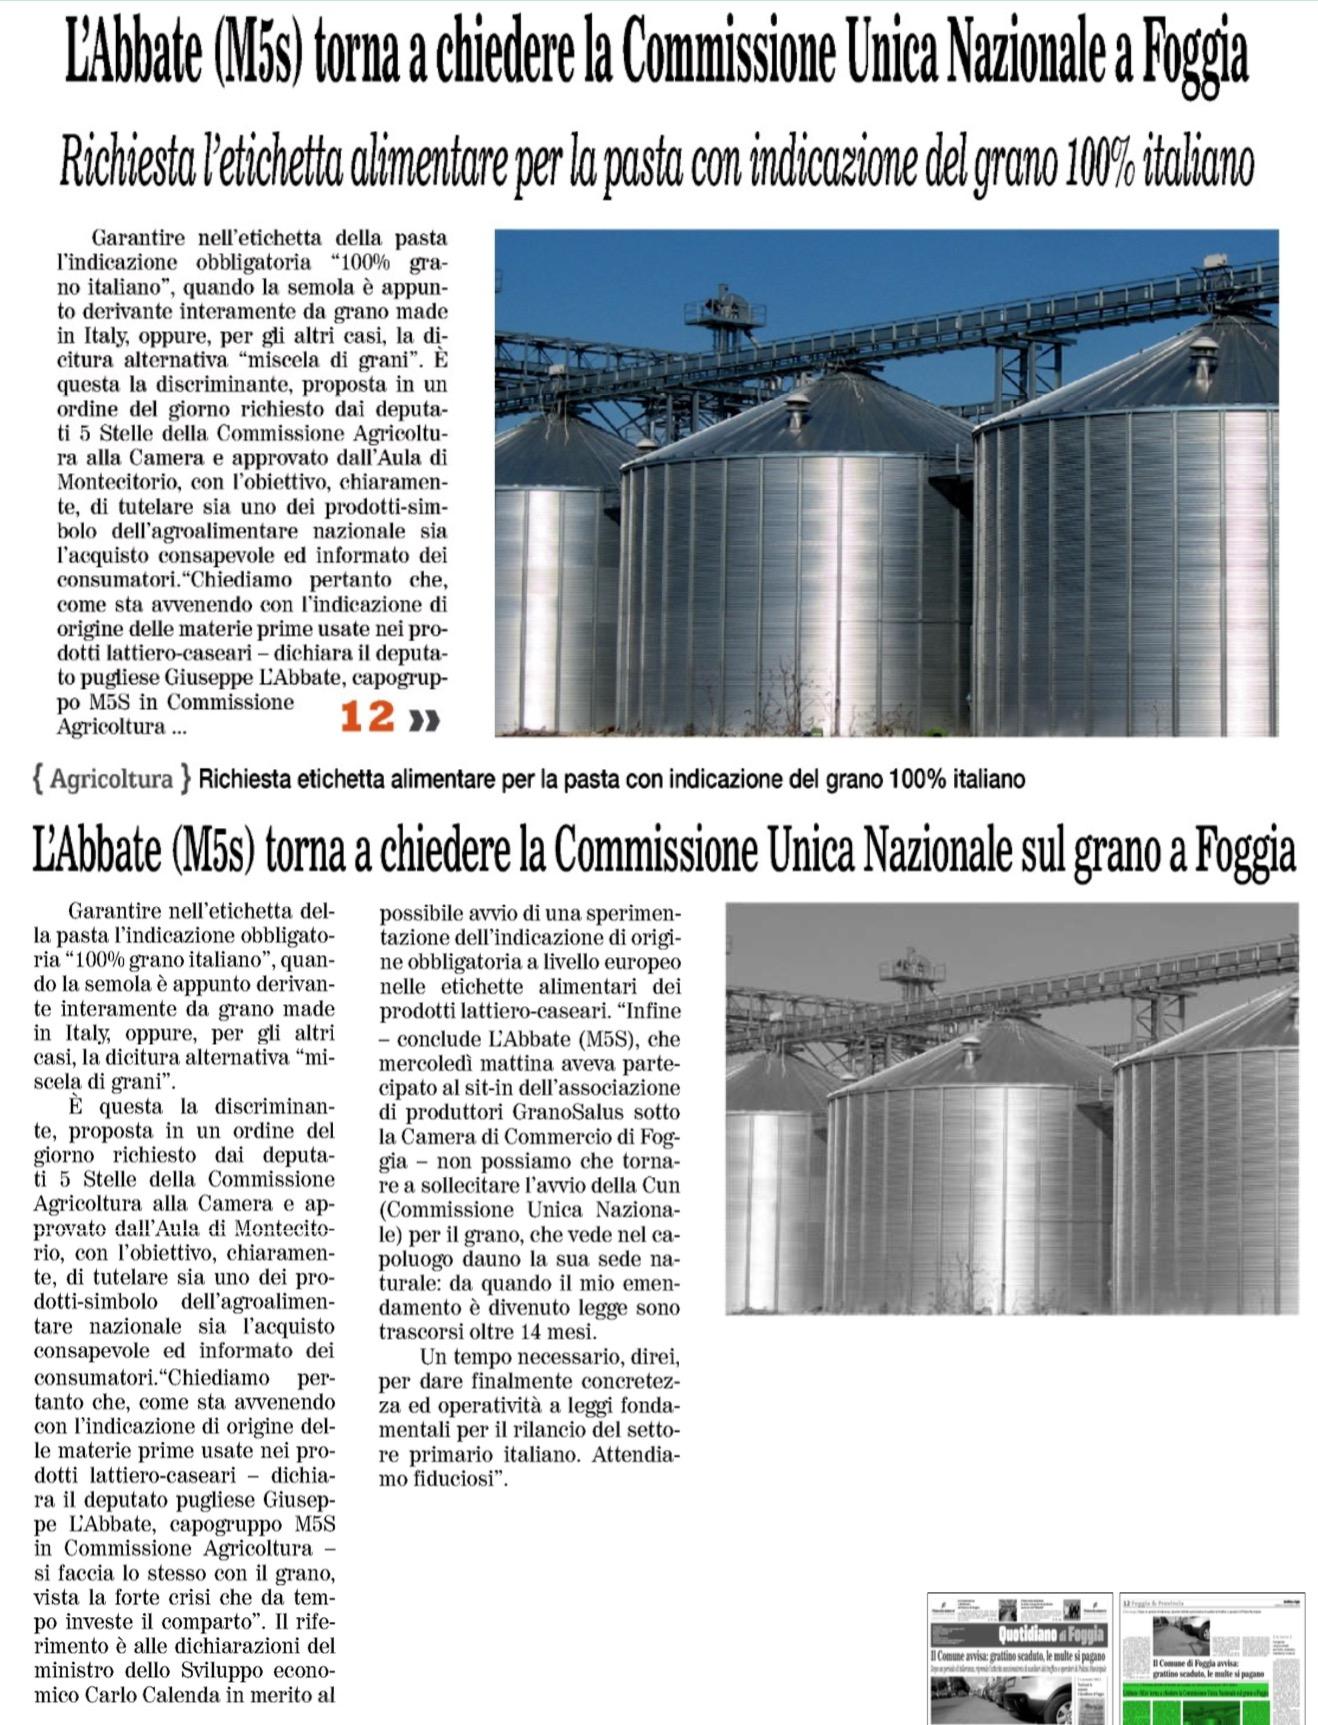 Il Quotidiano di Foggia - 05.11.2016